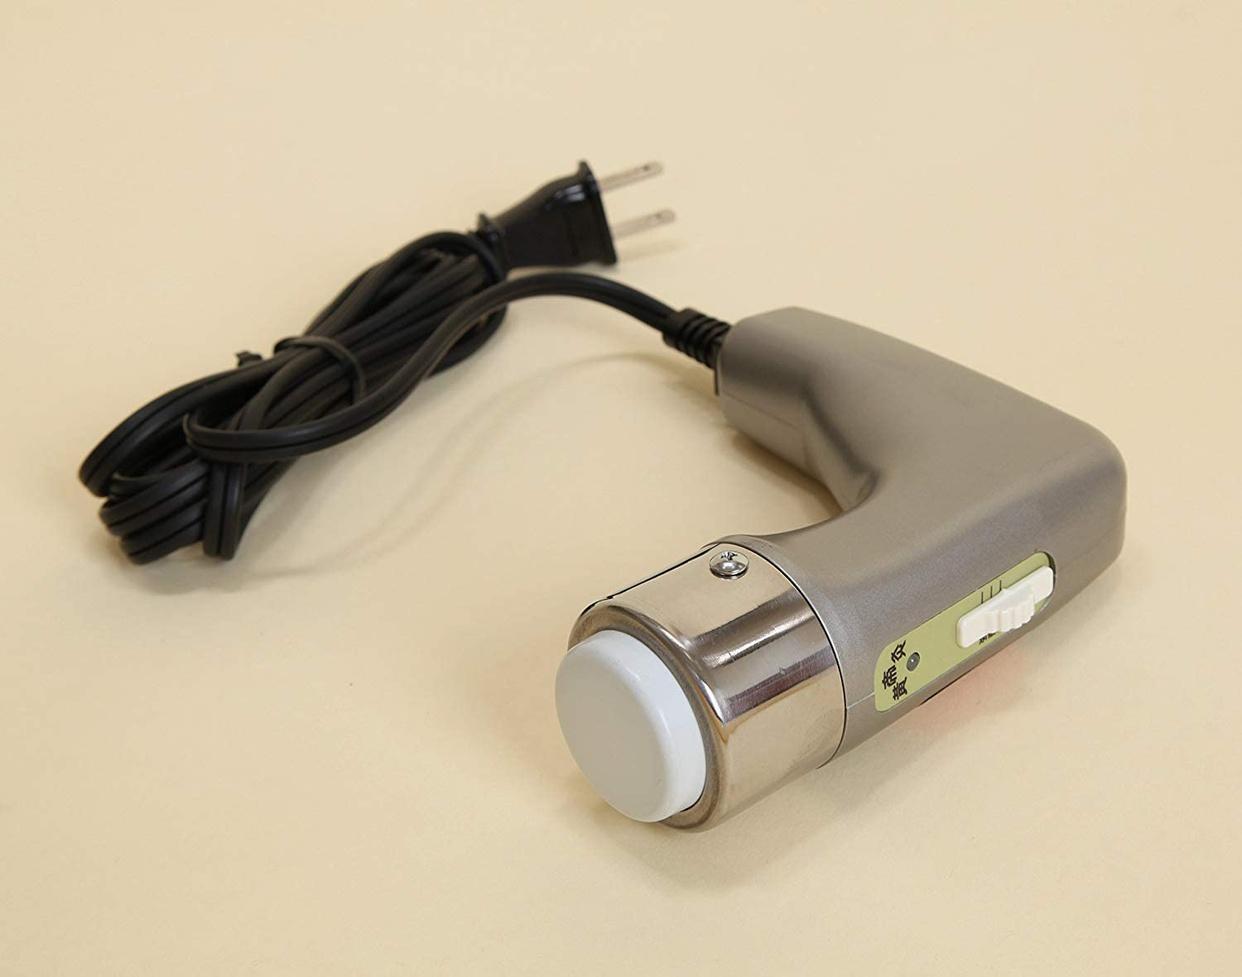 黄帝灸 ナノプラチナ II型 電気温灸器の商品画像